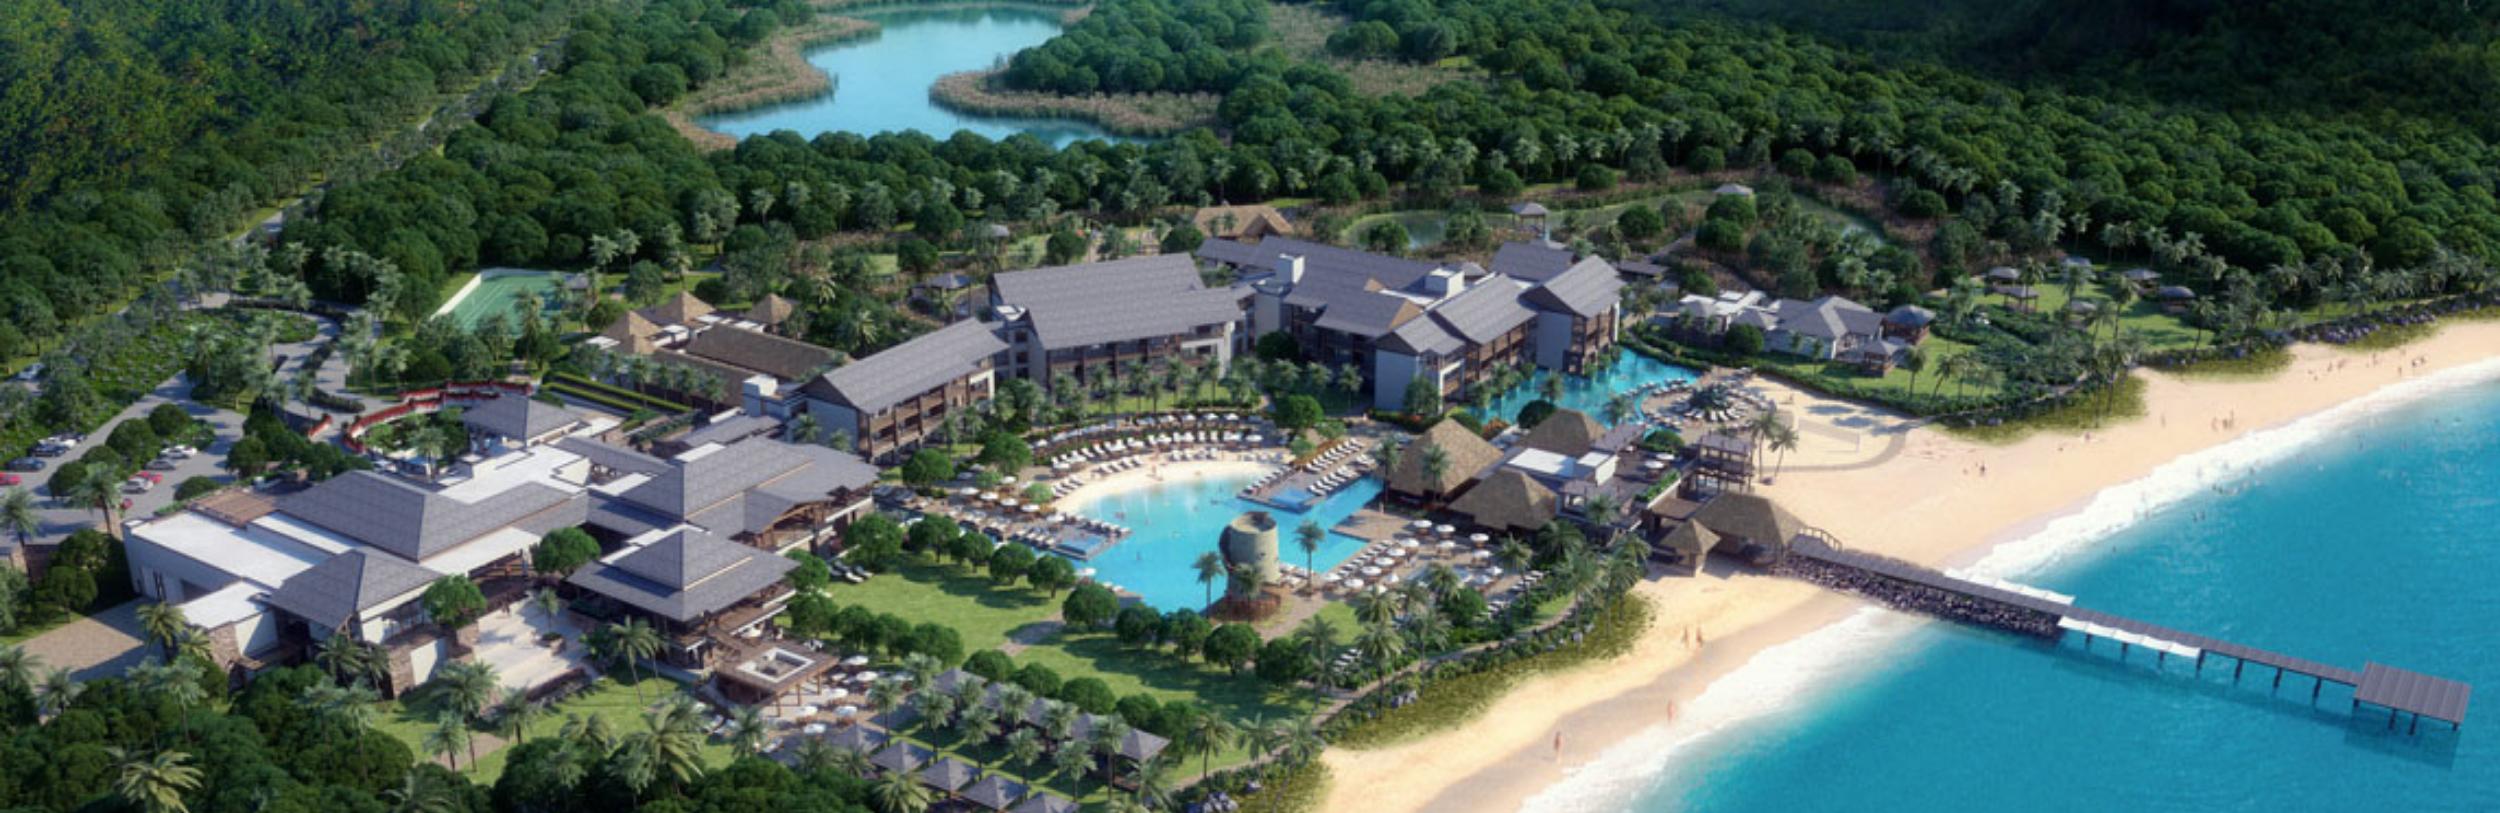 Đầu tư khách sạn 5 sao Park Hyatts Saint Kitts. Thêm passport tự do đi lại 156 nước.